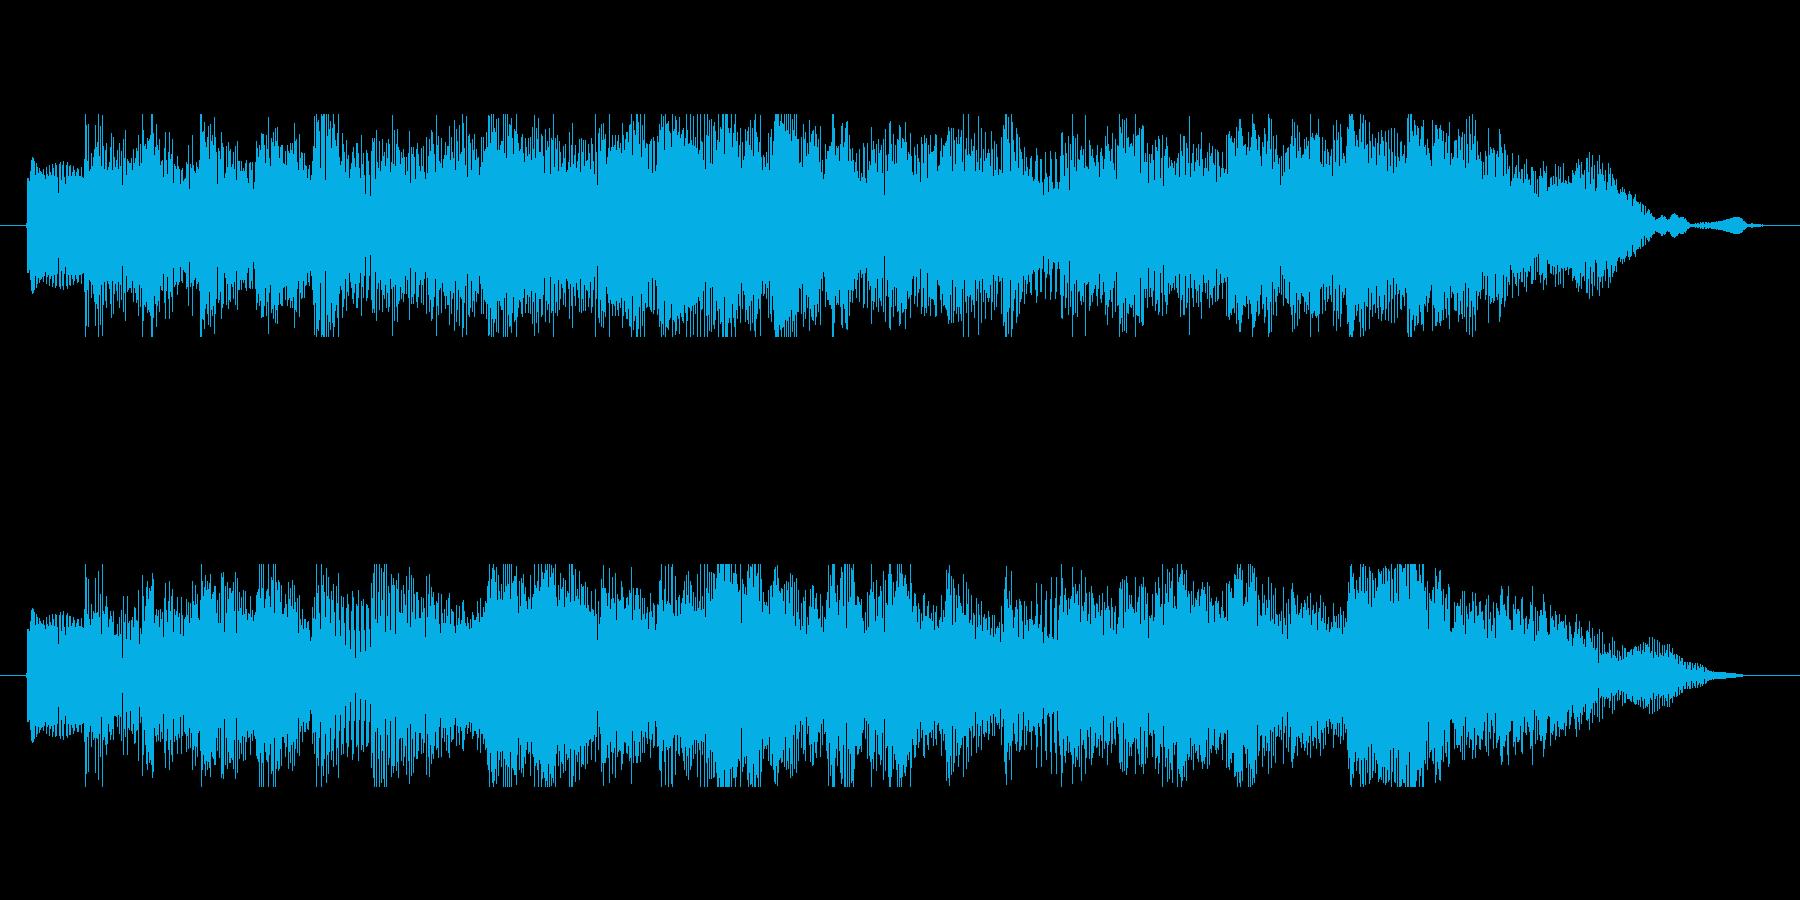 荘厳でおどろおどろしいフレーズ音素材ですの再生済みの波形